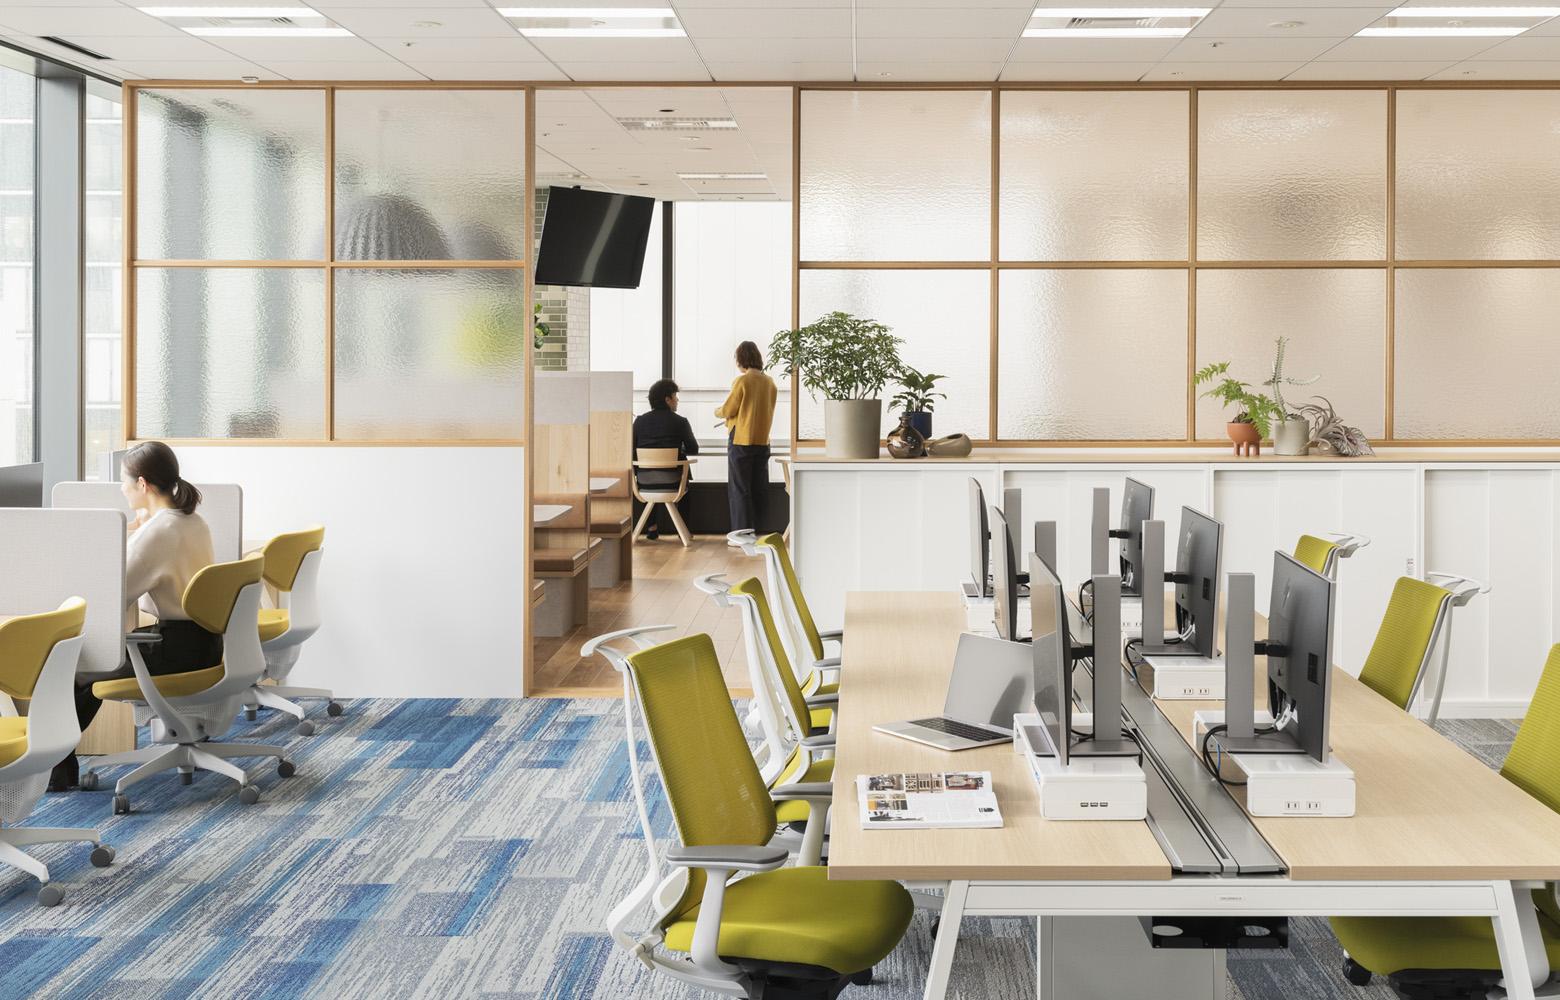 東洋アルミニウム株式会社 Work Space_2 デザイン・レイアウト事例